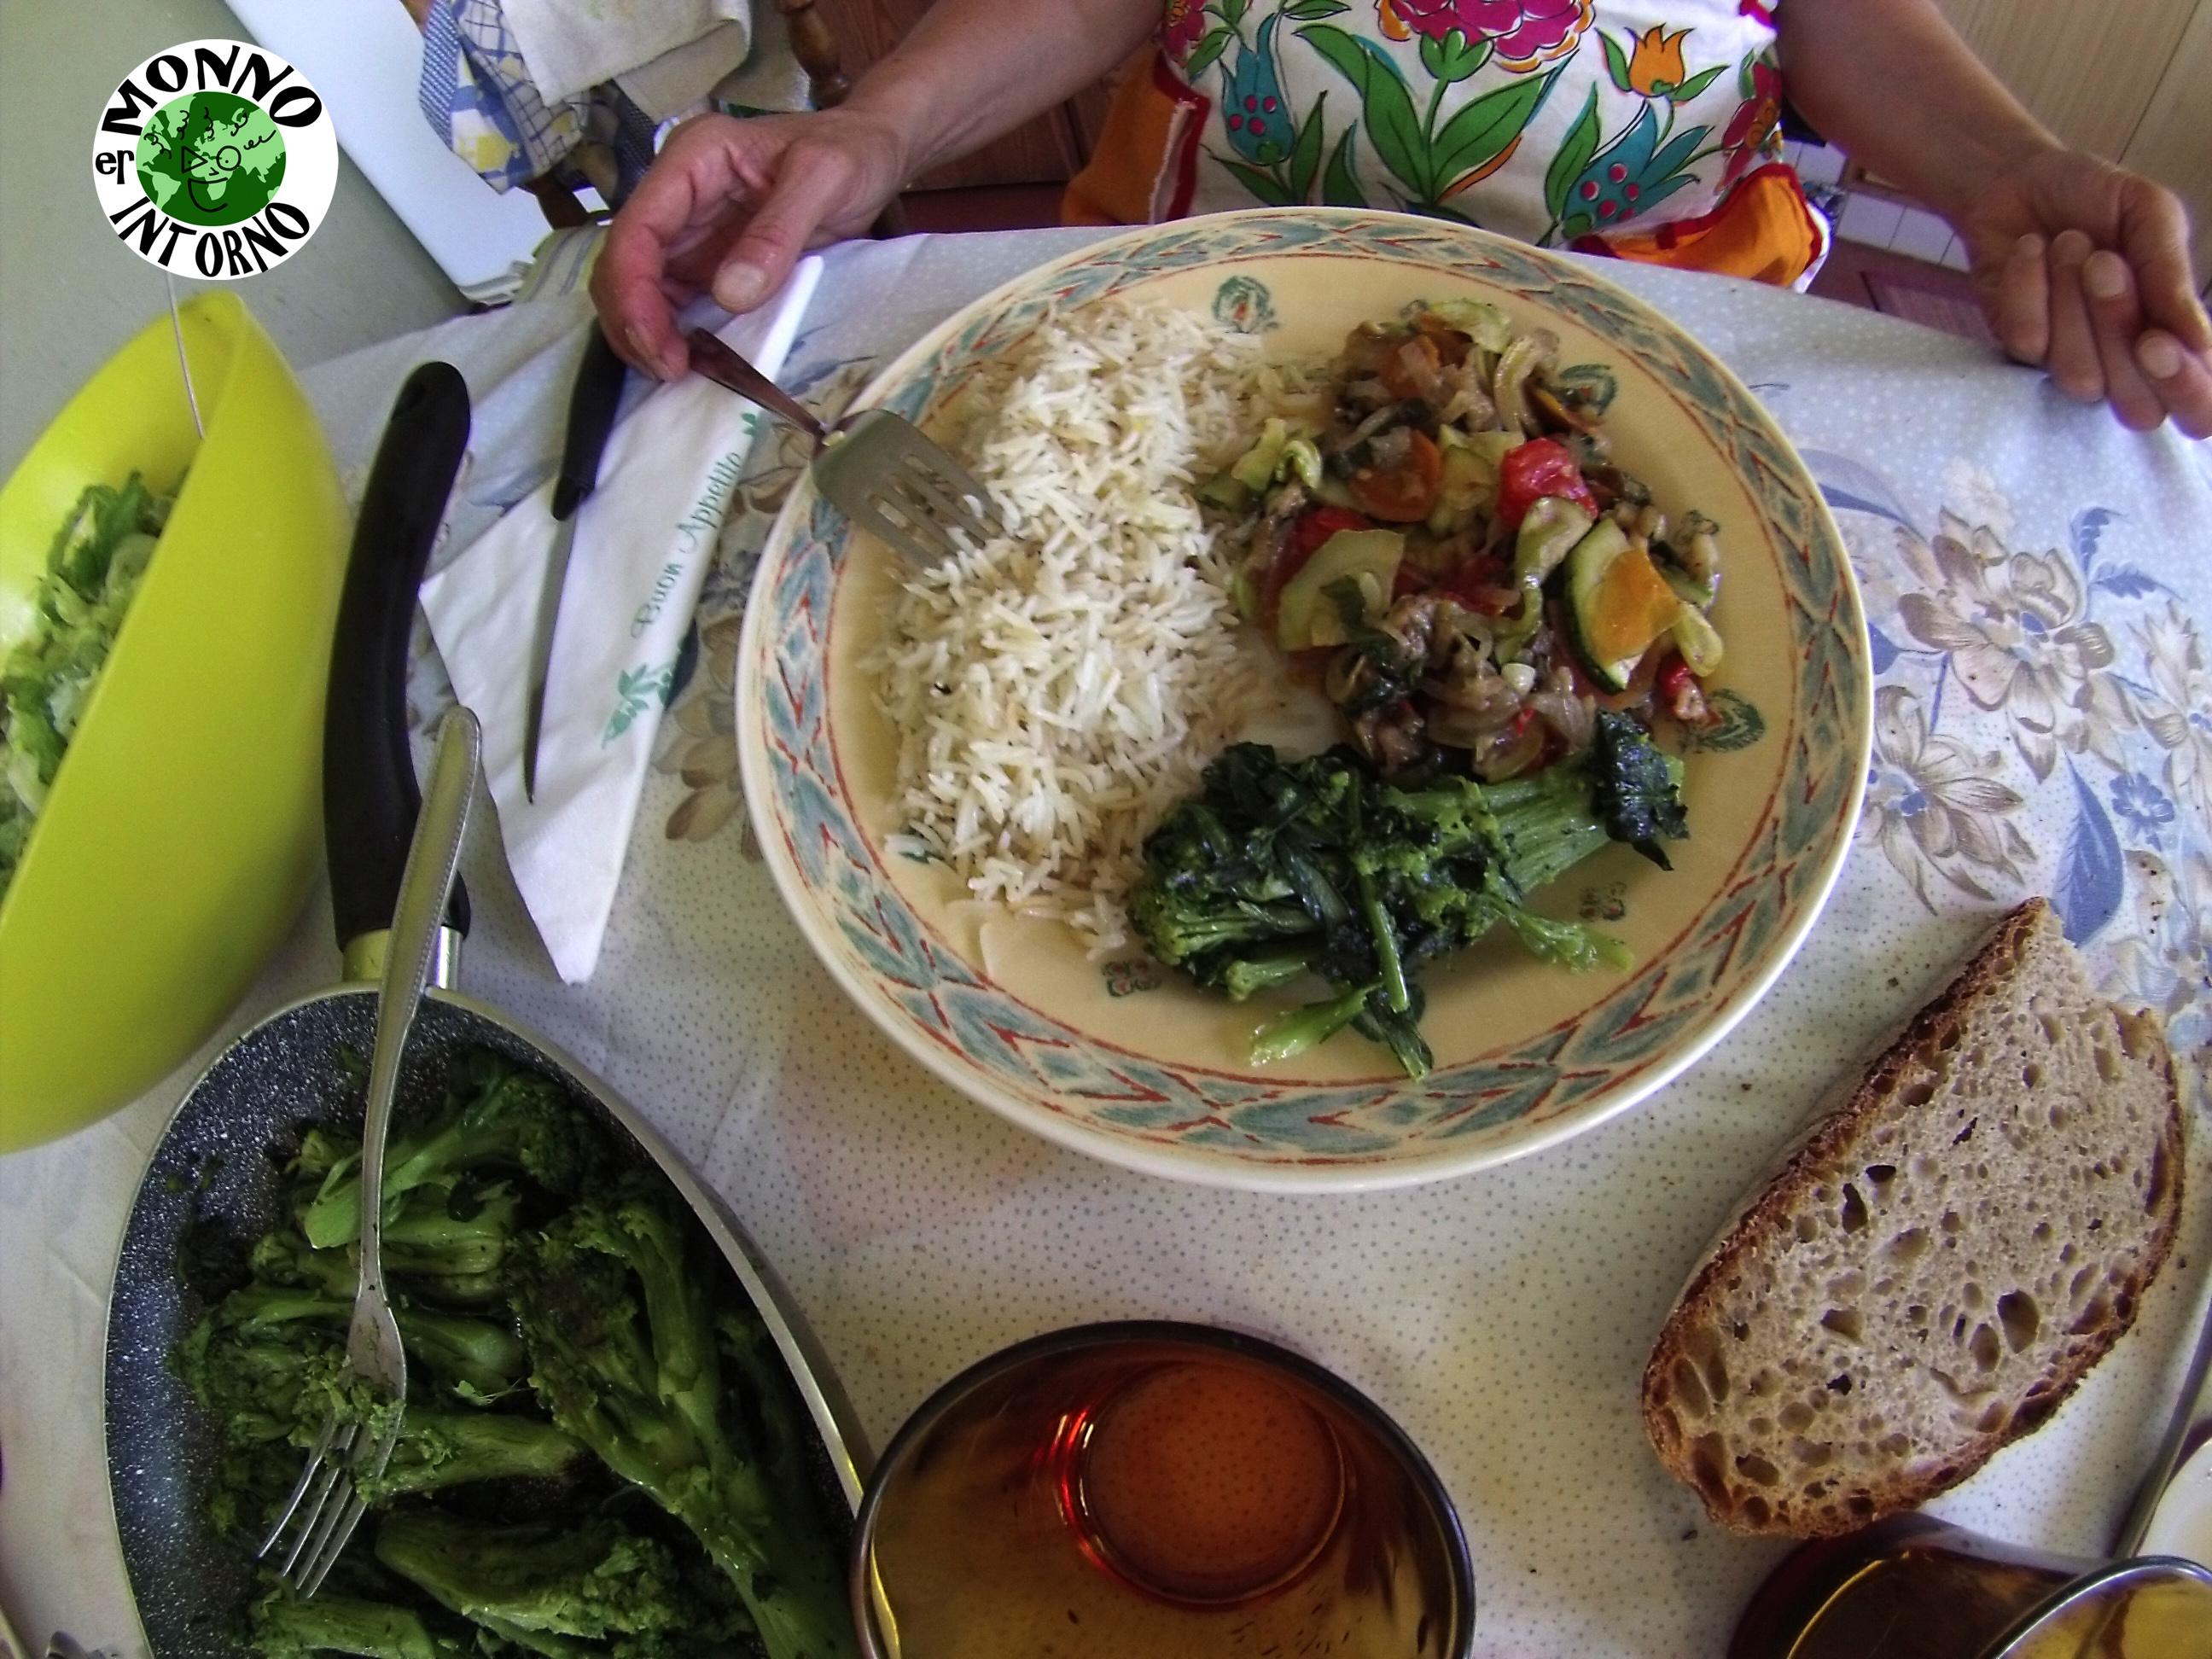 Er Monno intorno - il pranzo di Angelo Campanaro con il risotto di verdure bio del suo orto naturale